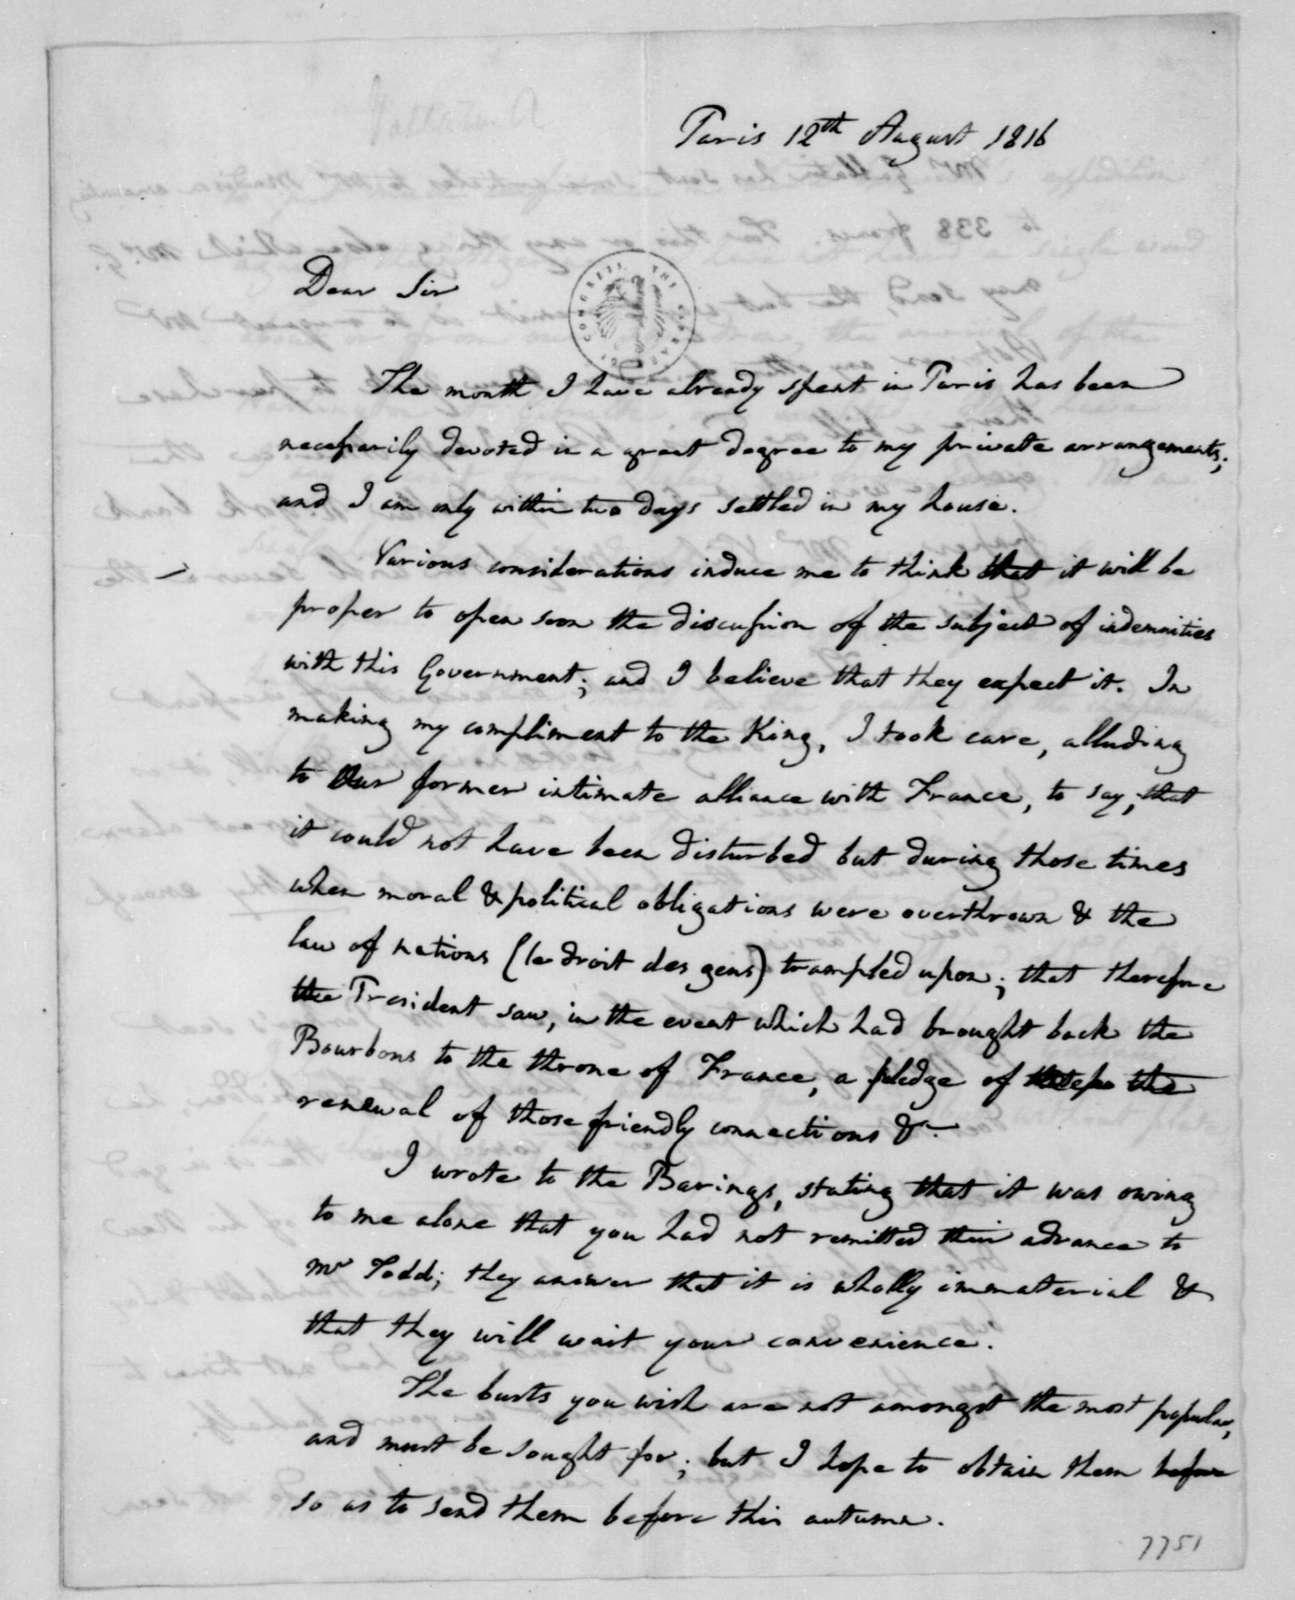 Albert Gallatin to James Madison, August 12, 1816.